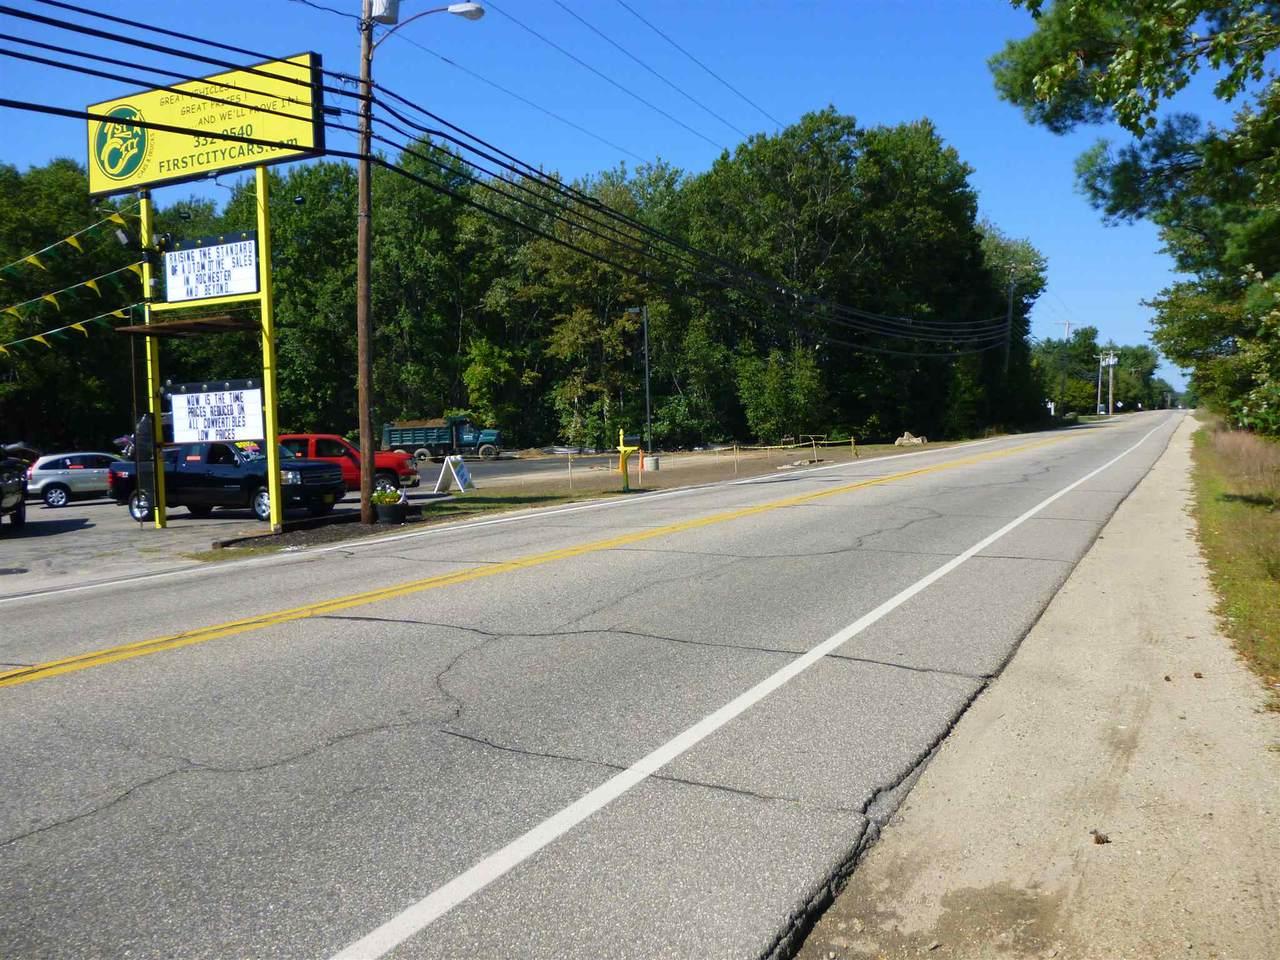 20 Milton Road - Photo 1